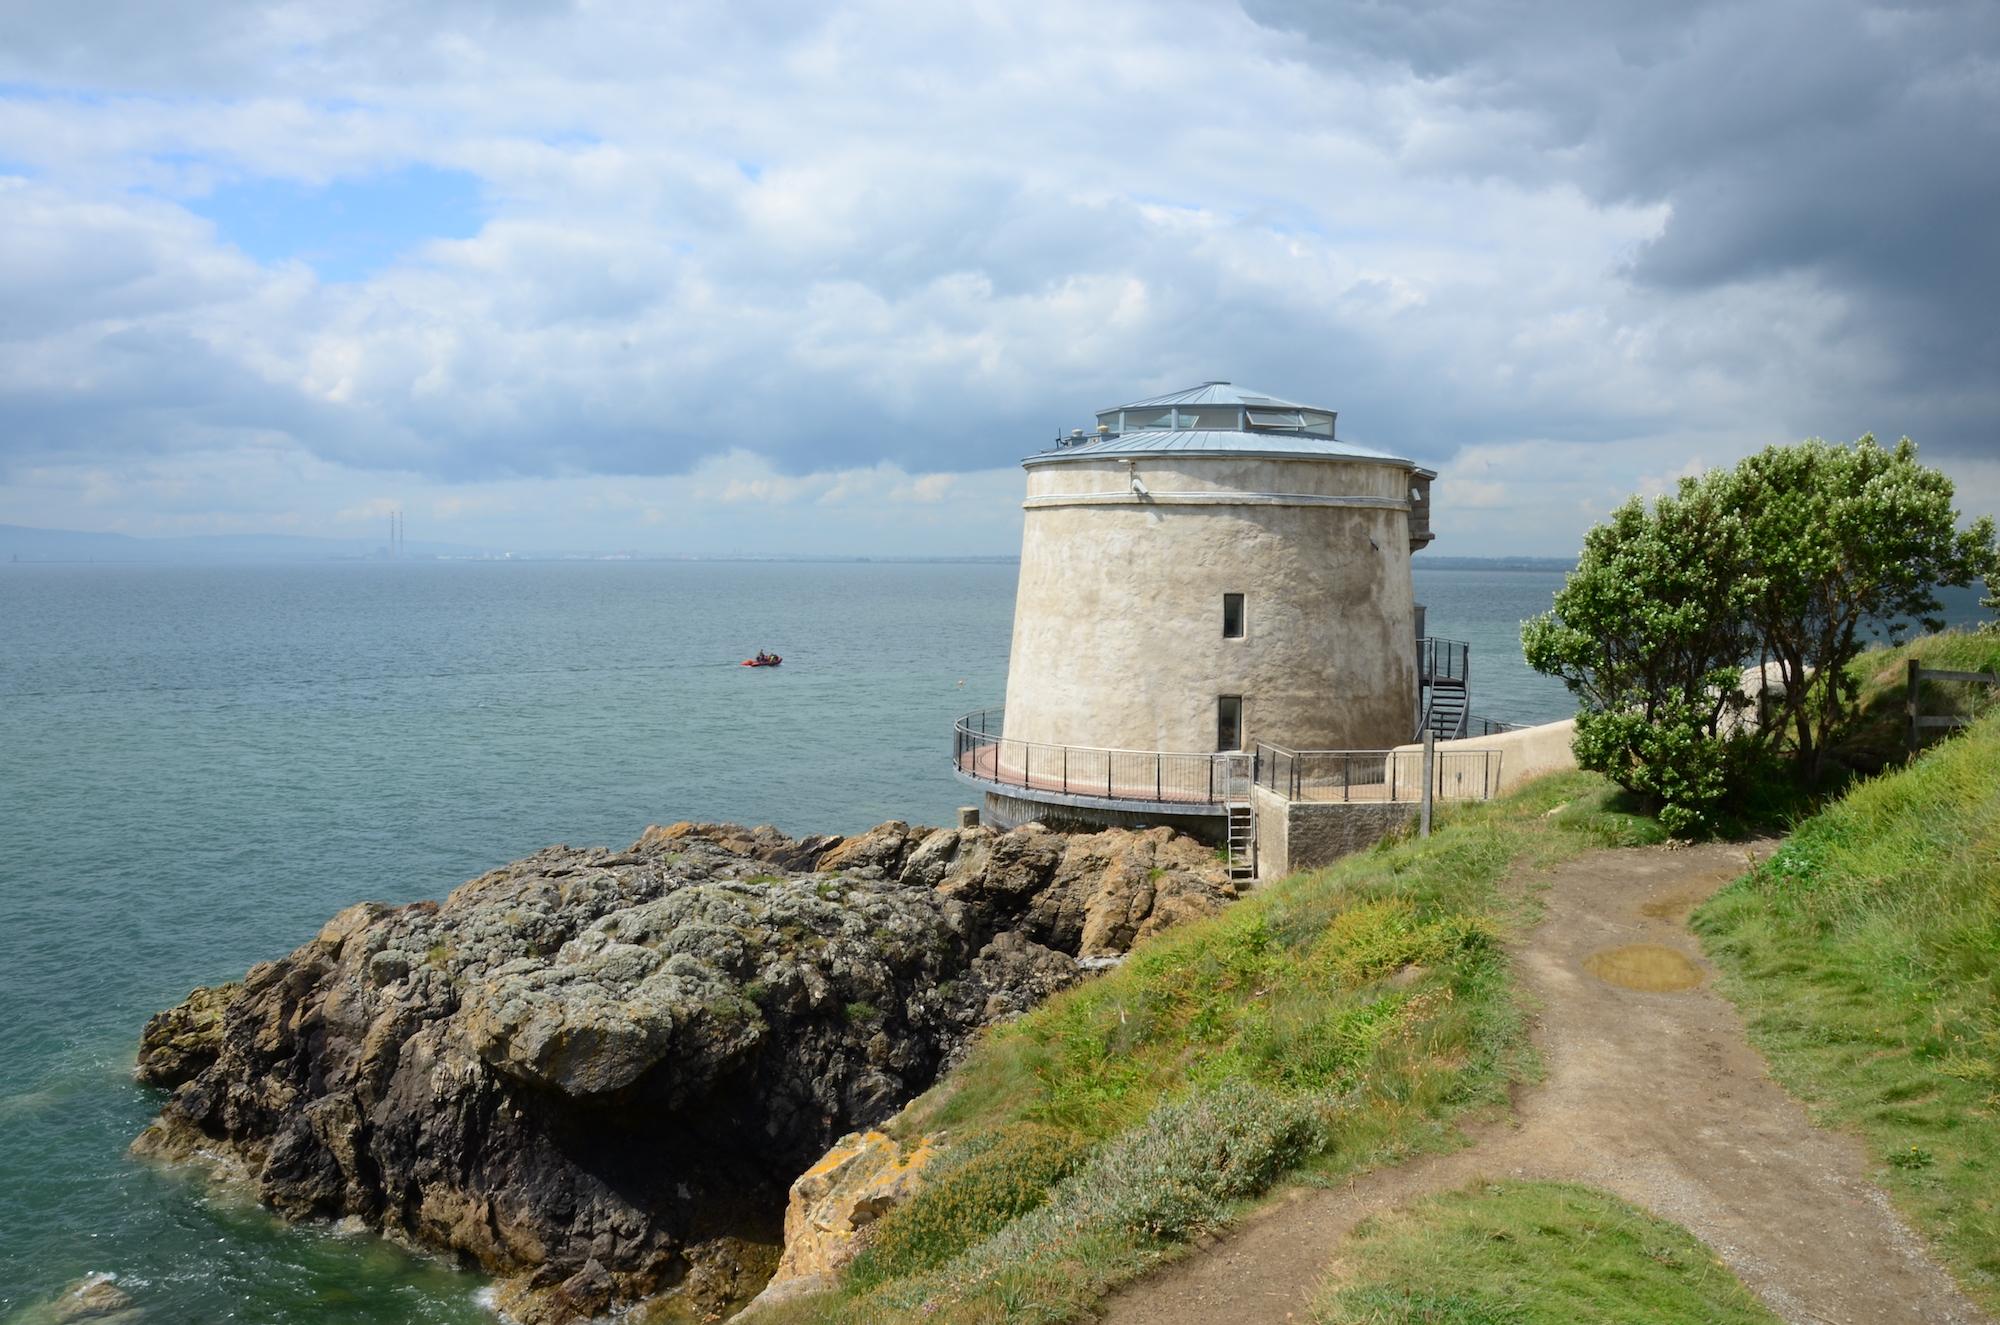 Investigating the Dublin coastline